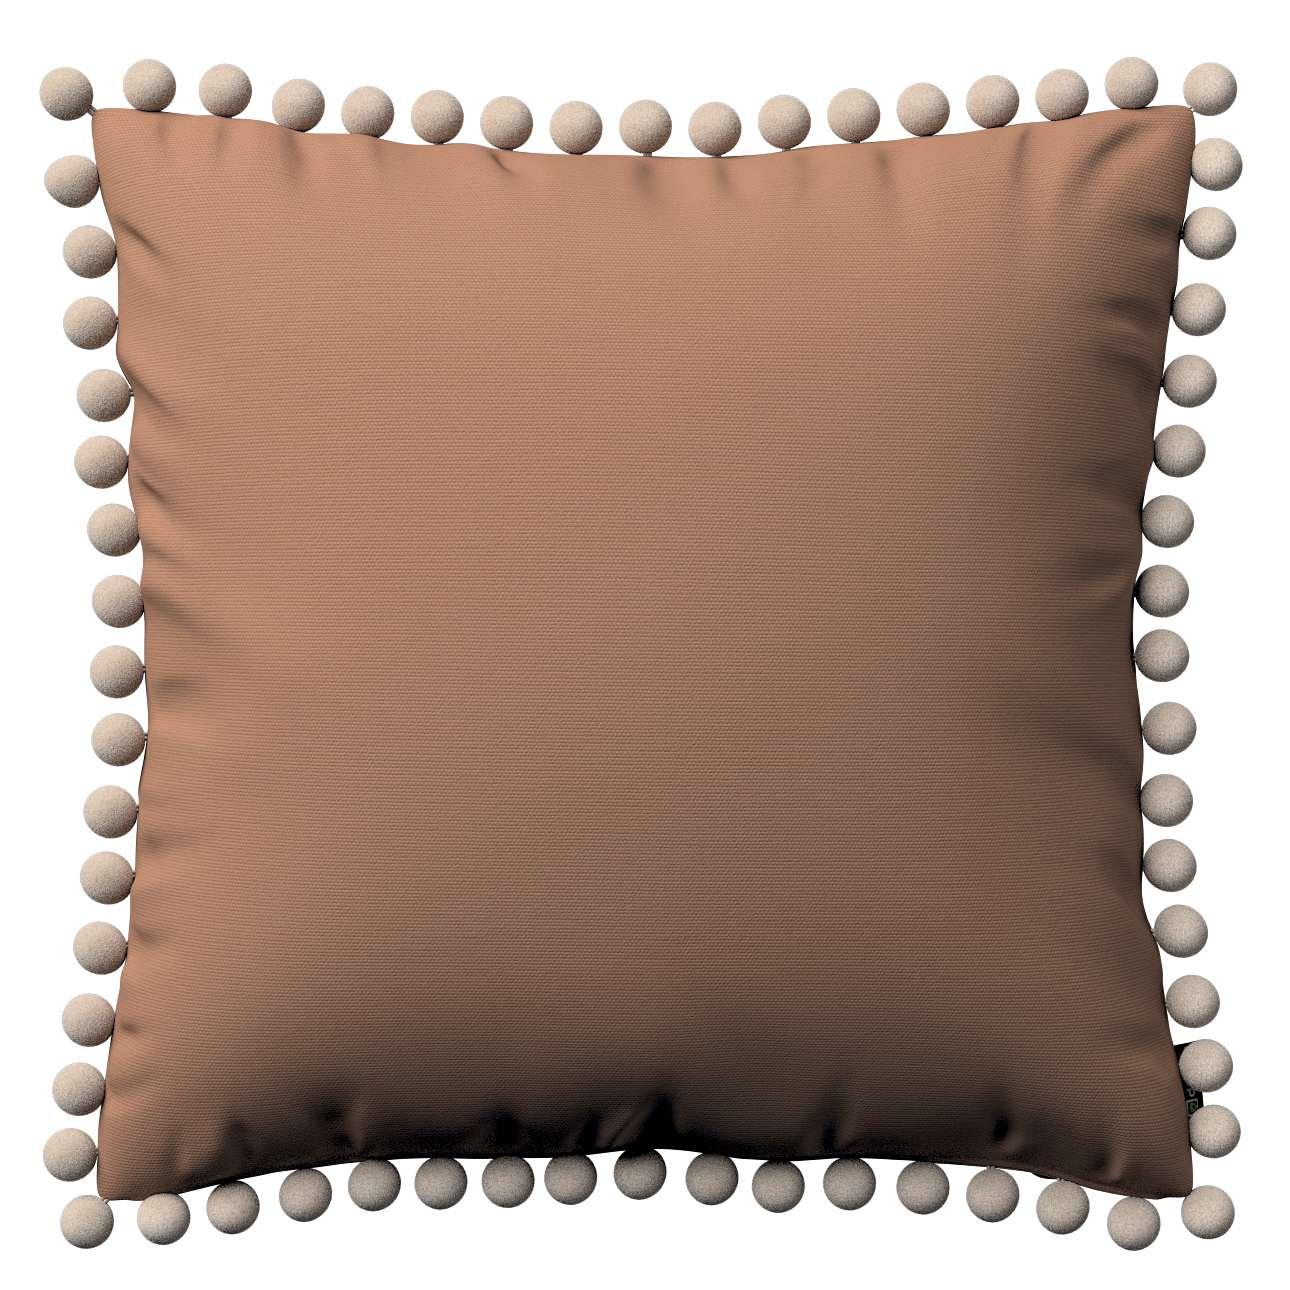 Wera dekoratyvinės pagalvėlės su žaismingais kraštais 45 x 45 cm kolekcijoje Cotton Panama, audinys: 702-02